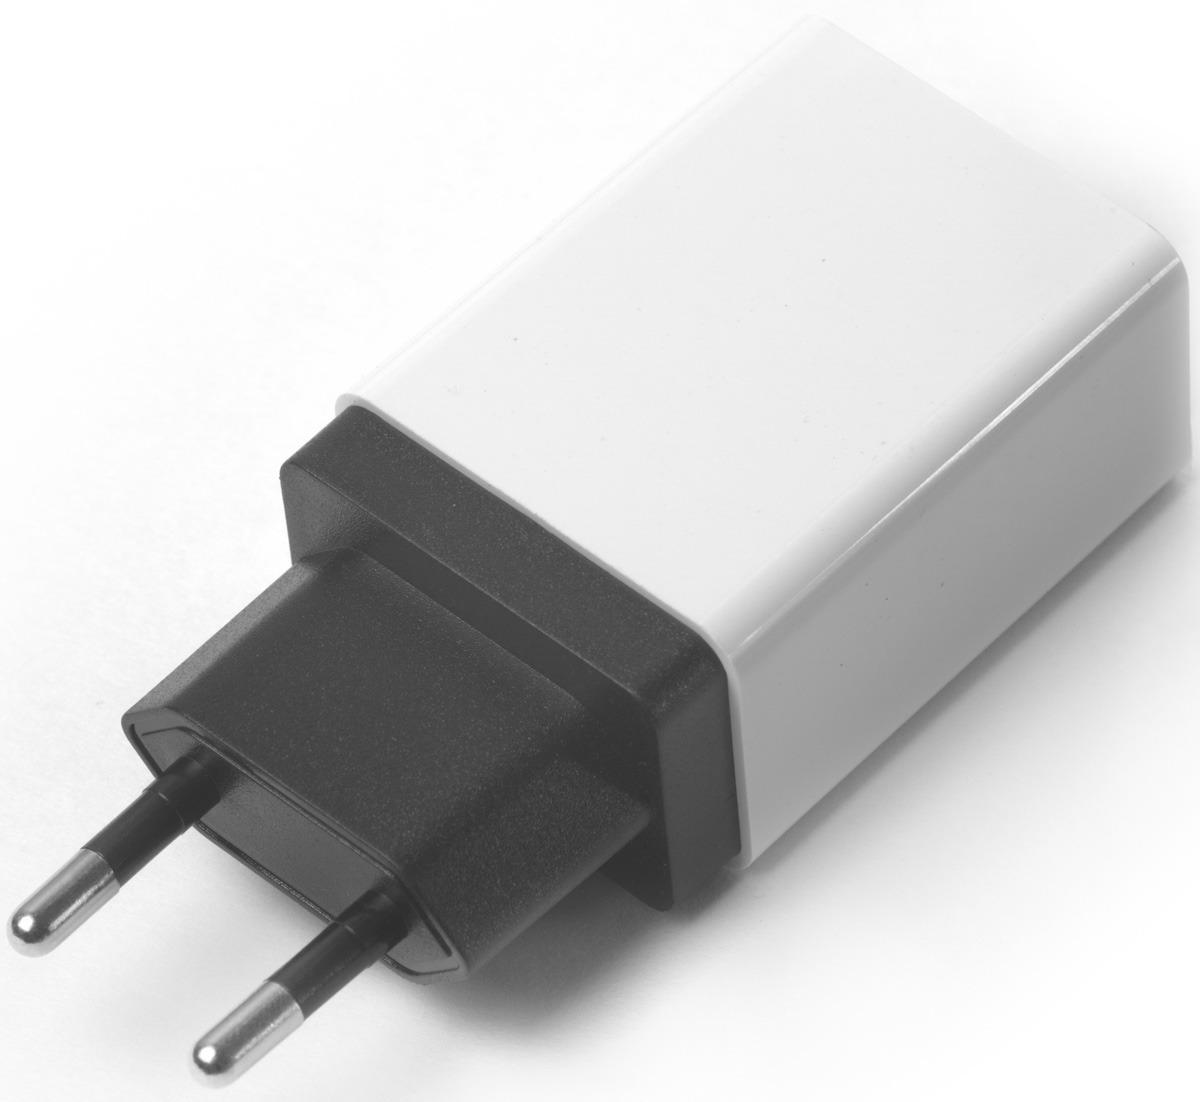 Сетевое зарядное устройство Greenconnect GCR-1P35AUSB Qualcomm на 3,5 A, цвет: черный, белый цена и фото